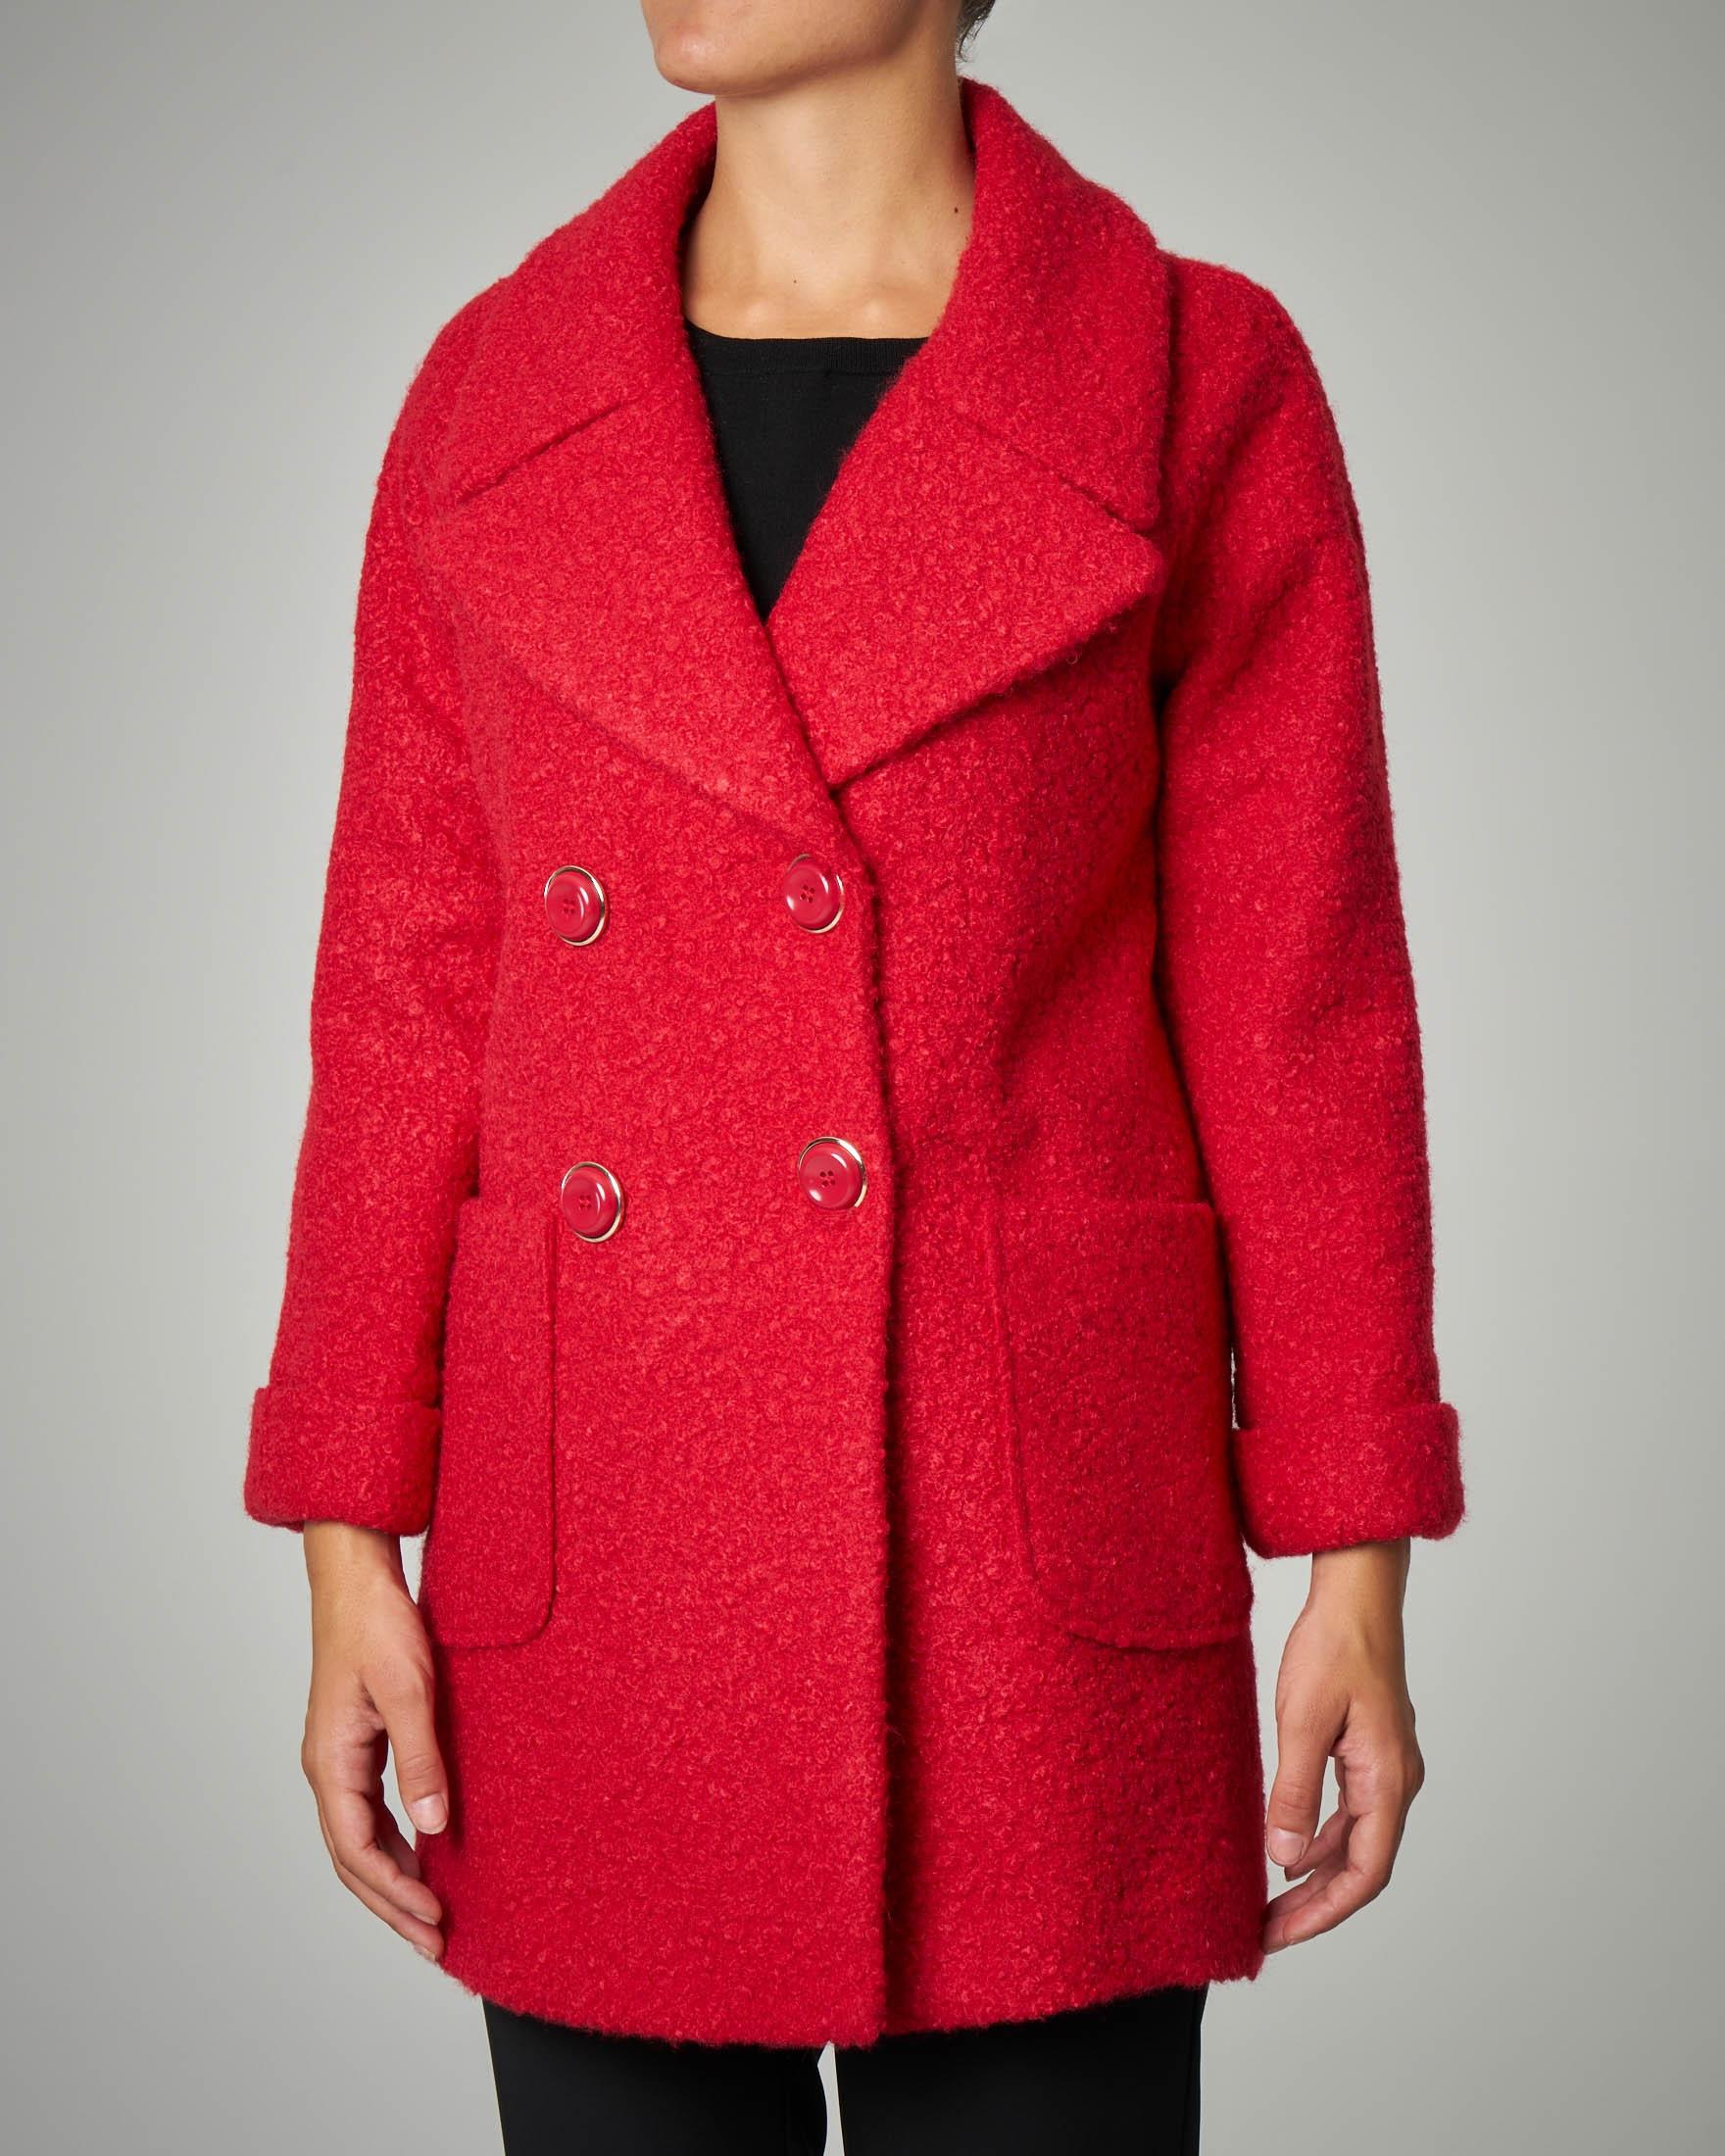 Cappotto rosso effetto bouclè.